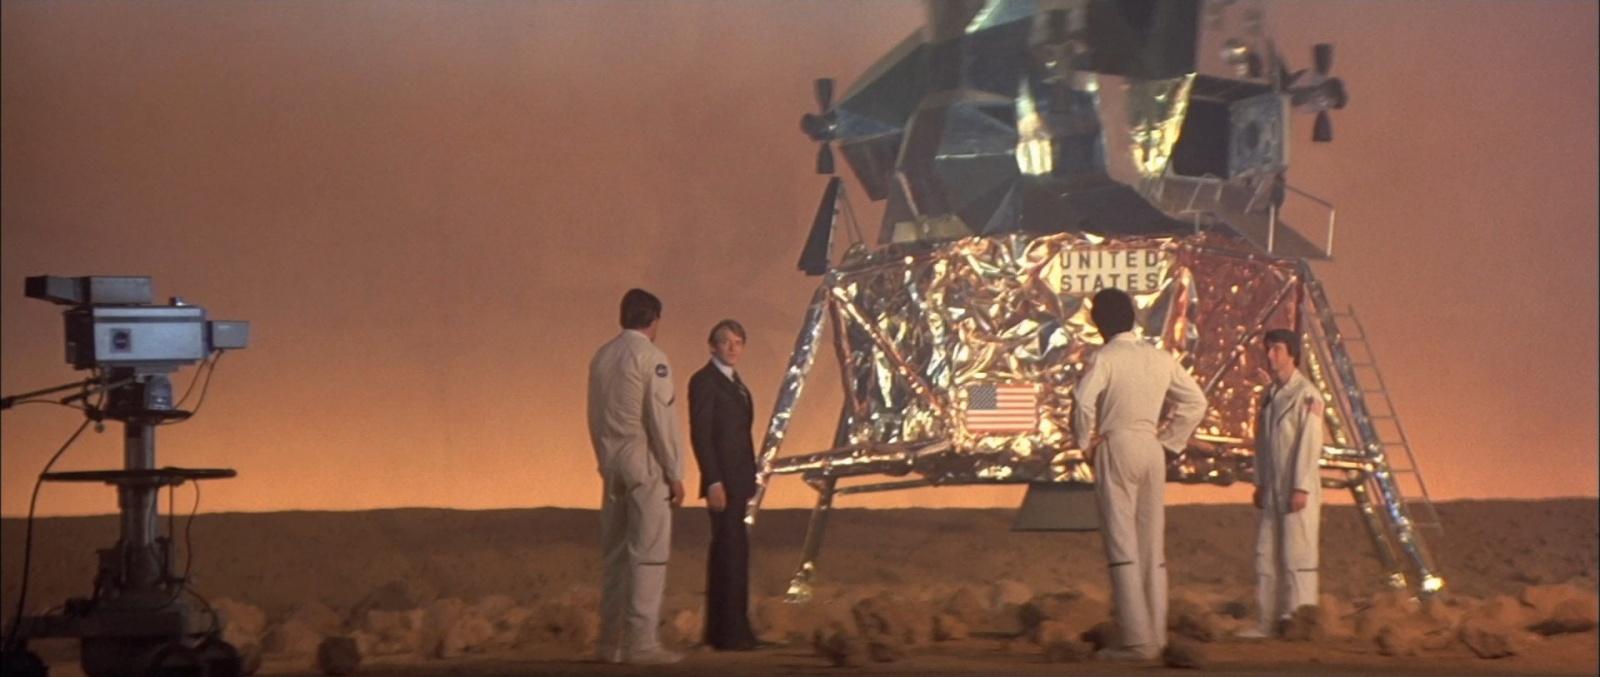 Борьба за покорение космоса — триллер времен холодной войны - 12